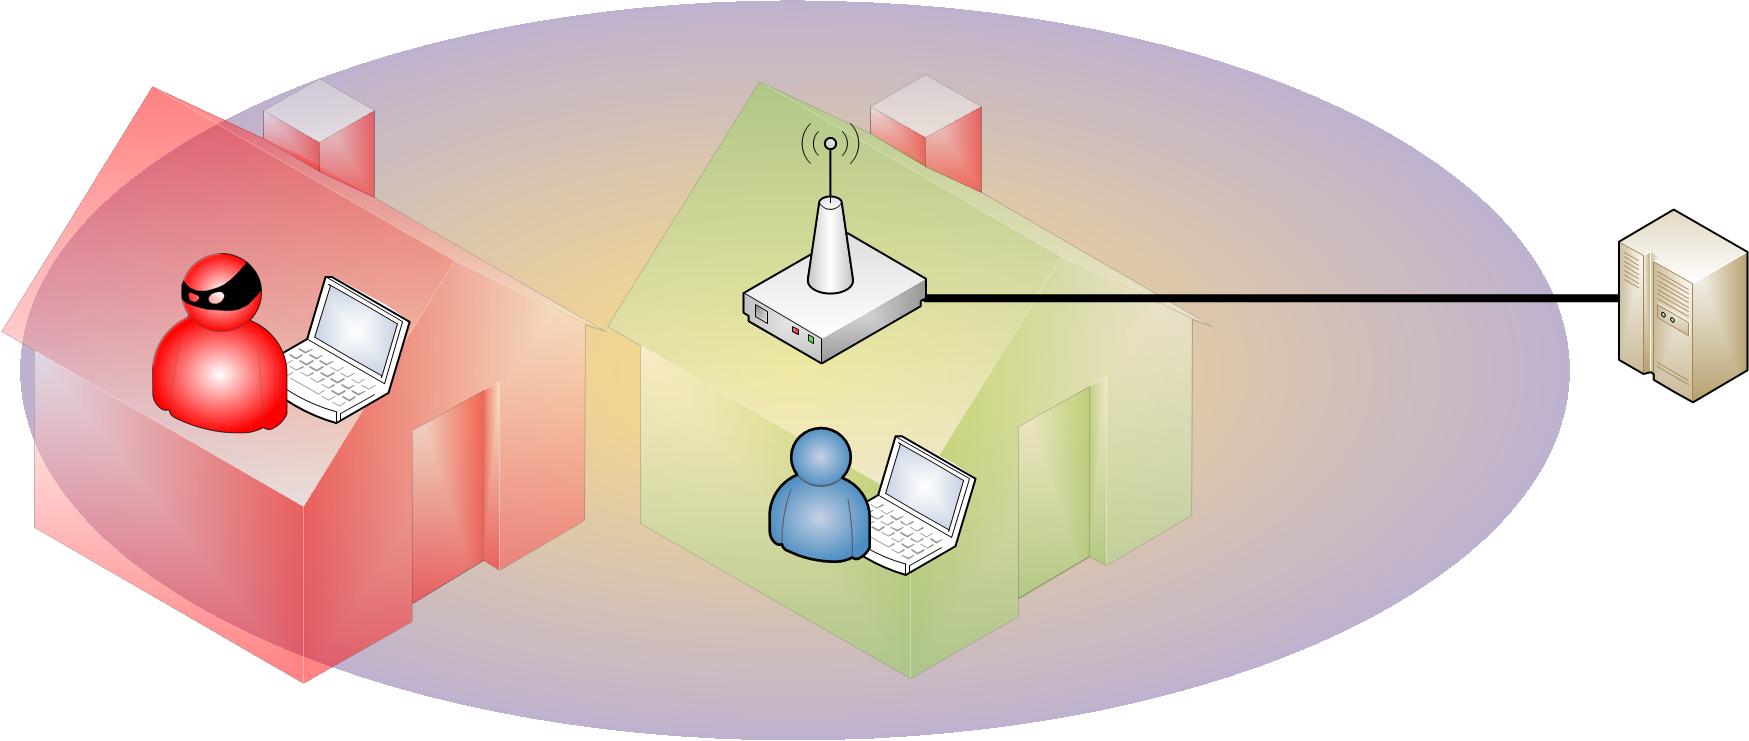 Alcance-de-la-conexion-inalambrica-Wi-Fi-a-deconocidos-www.Jarroba.com_